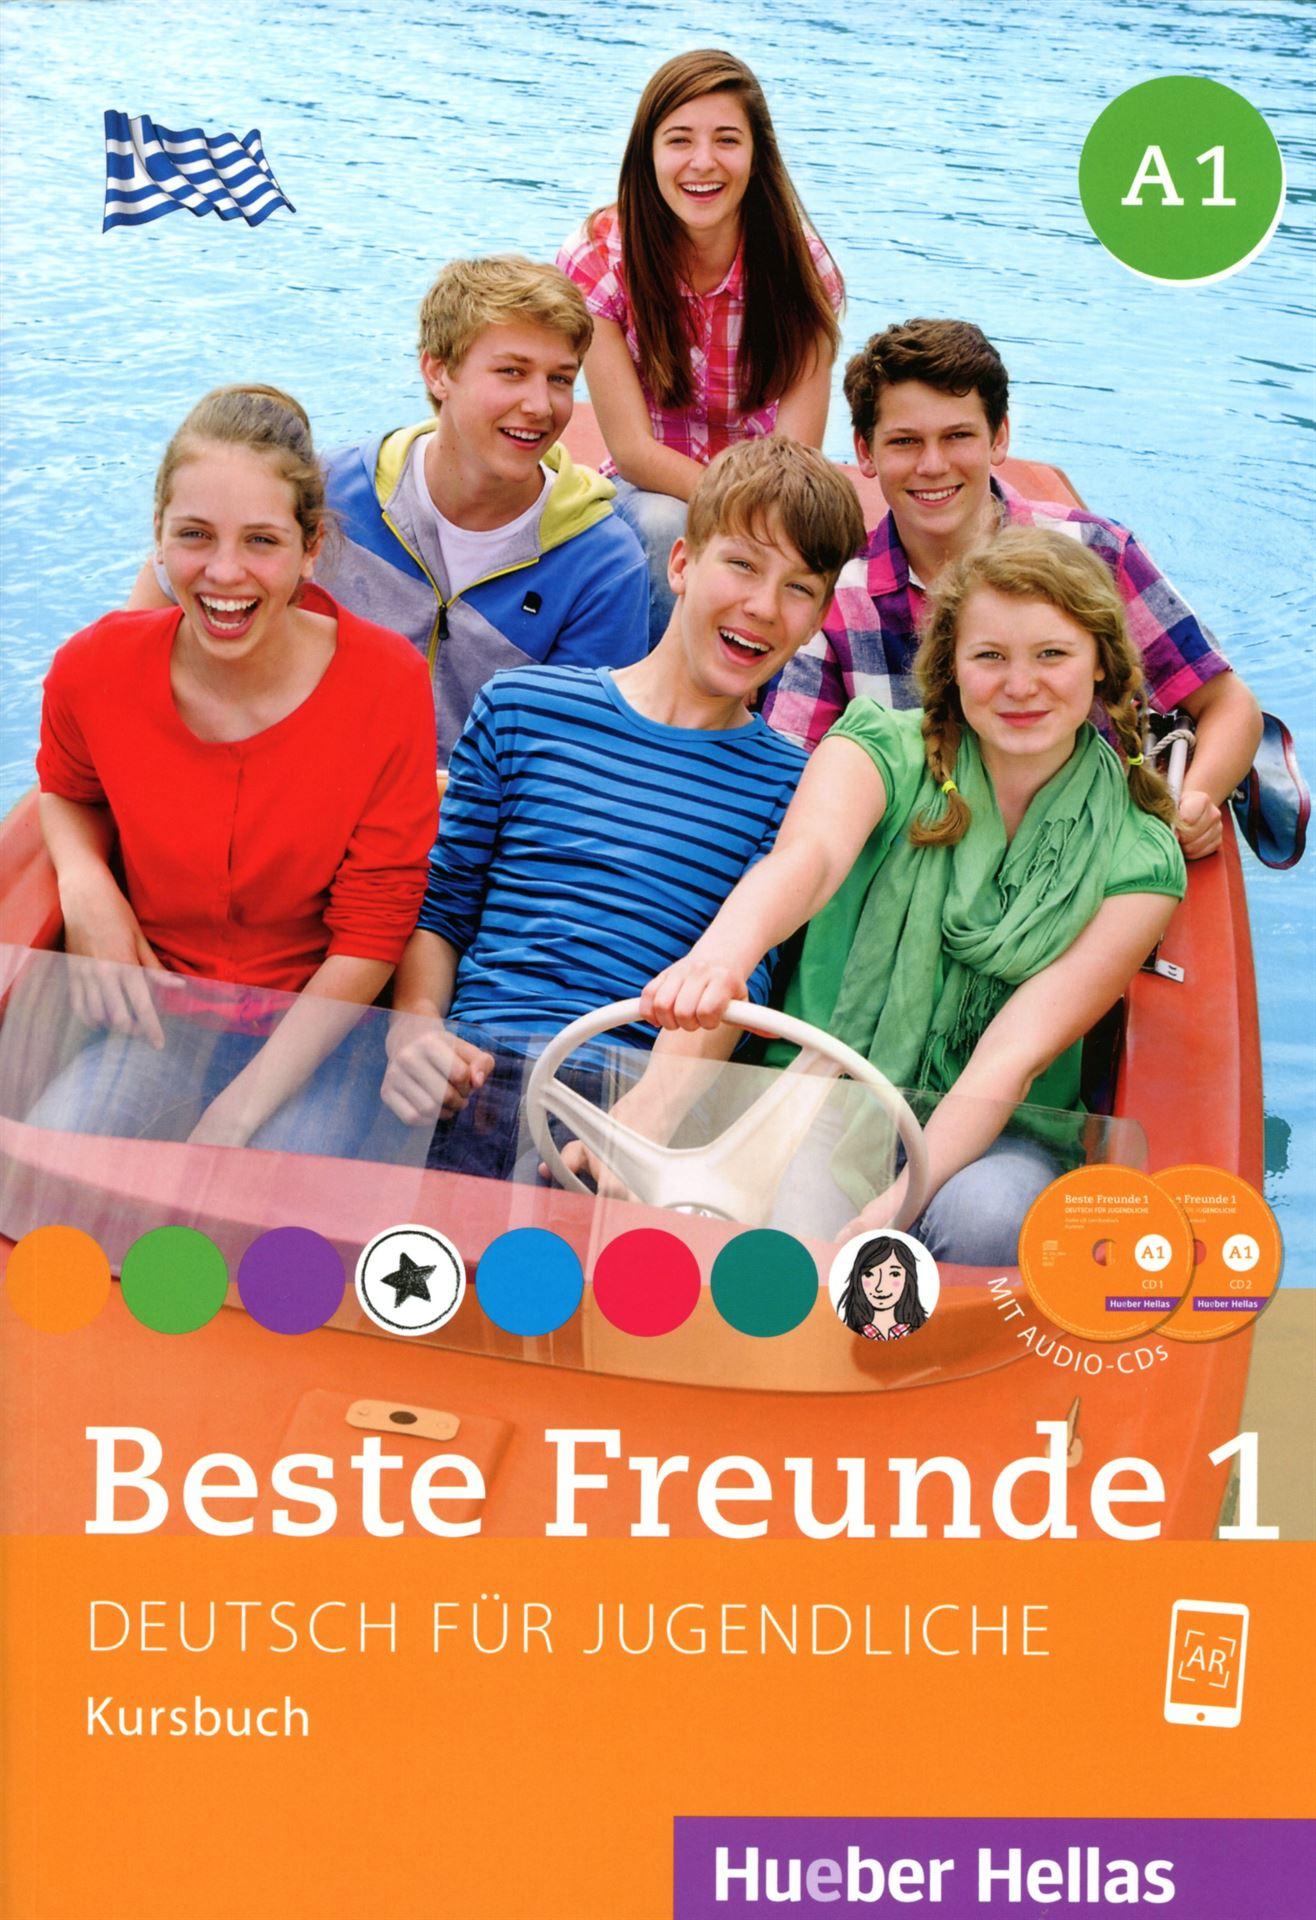 Bild für Kategorie Beste Freunde 1